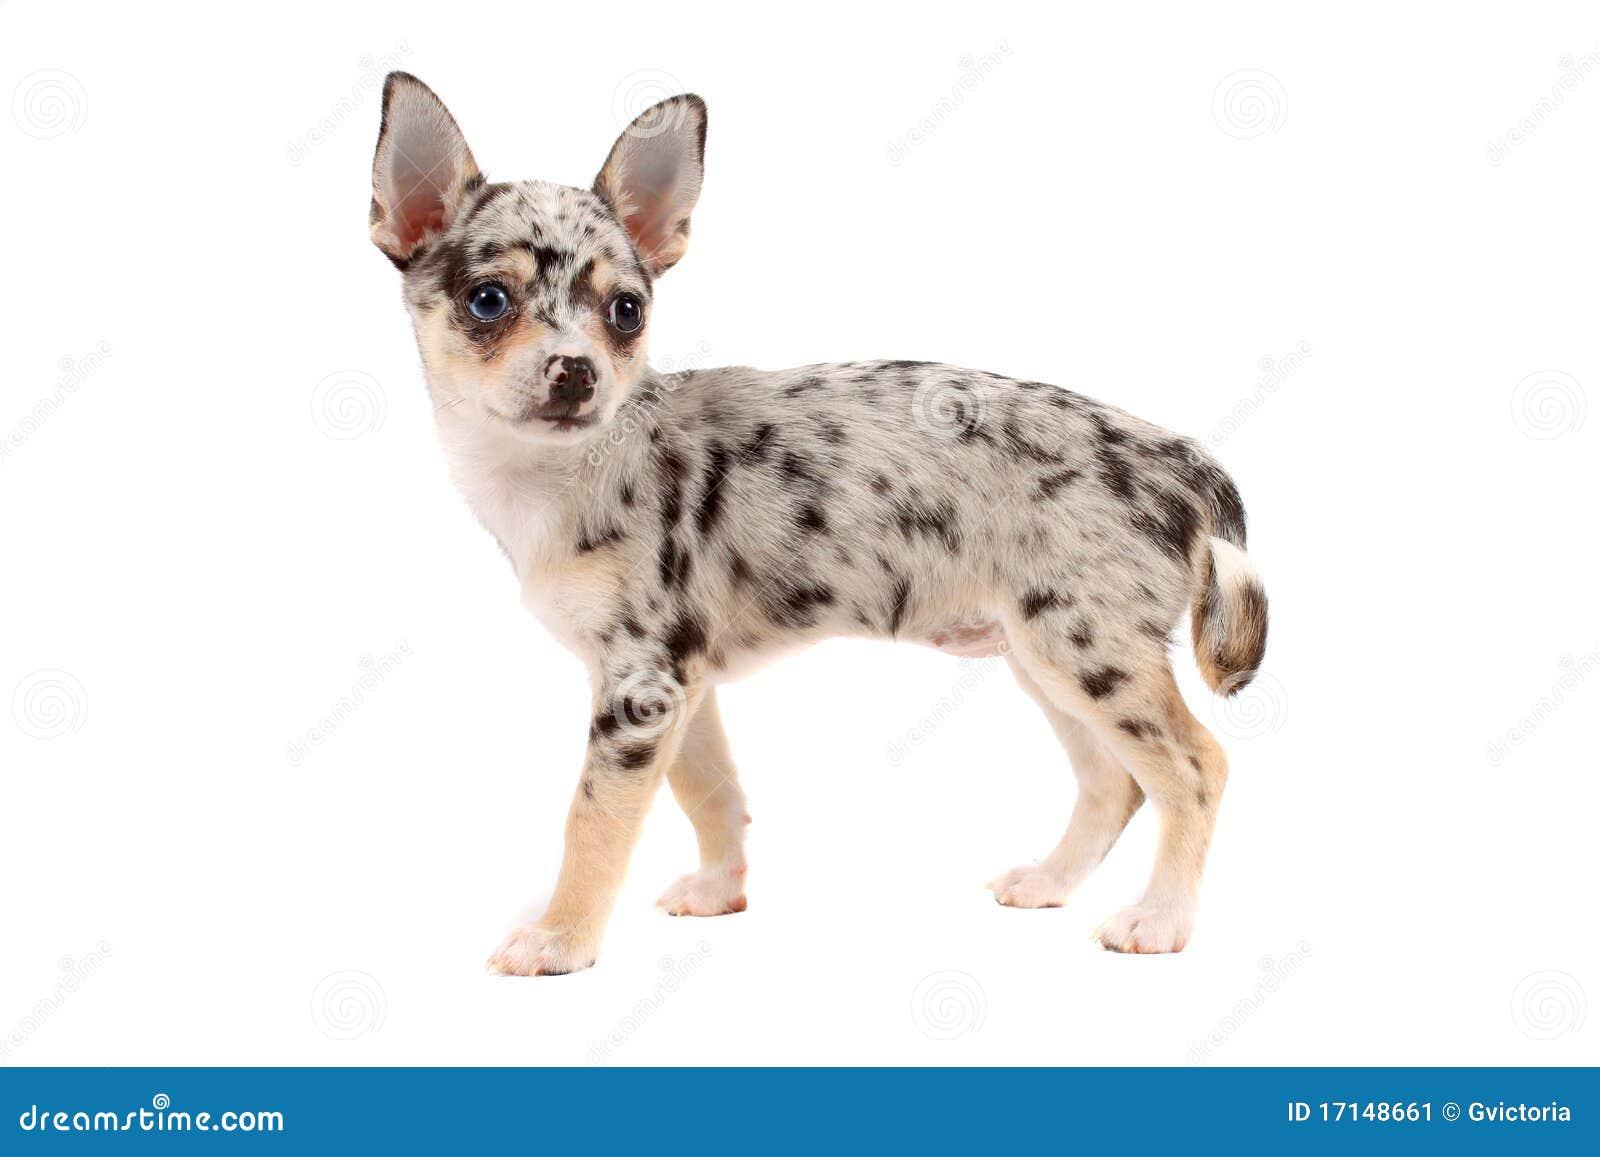 Уход за глазами собак породы чихуахуа, особенности гигиены шлаз, аллергия, болезни глаз